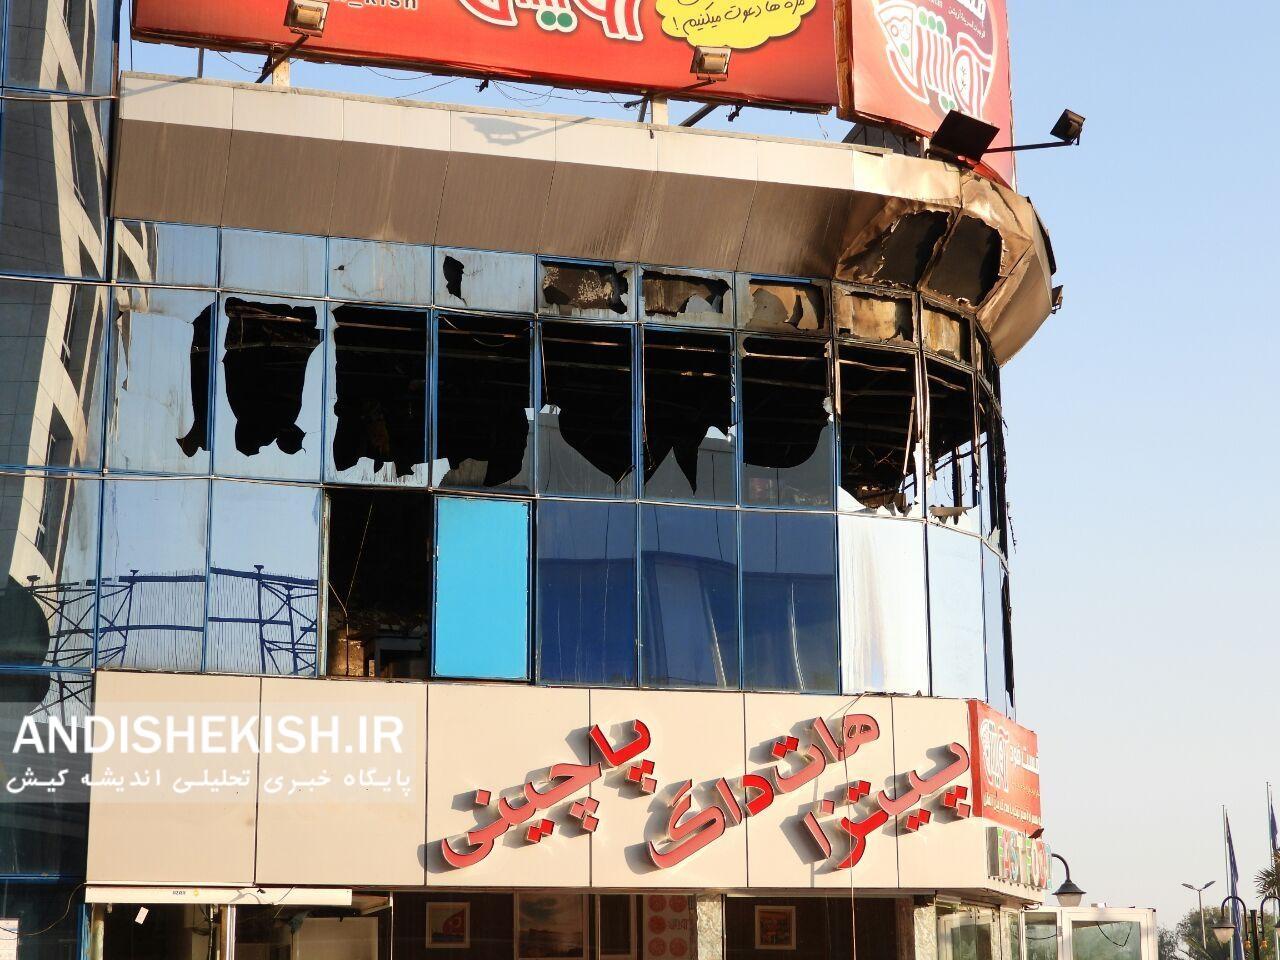 گزارش تصویری : آتش سوزی در قسمتی از بازار پانیذ کیش/عکس : رضا تقی پور